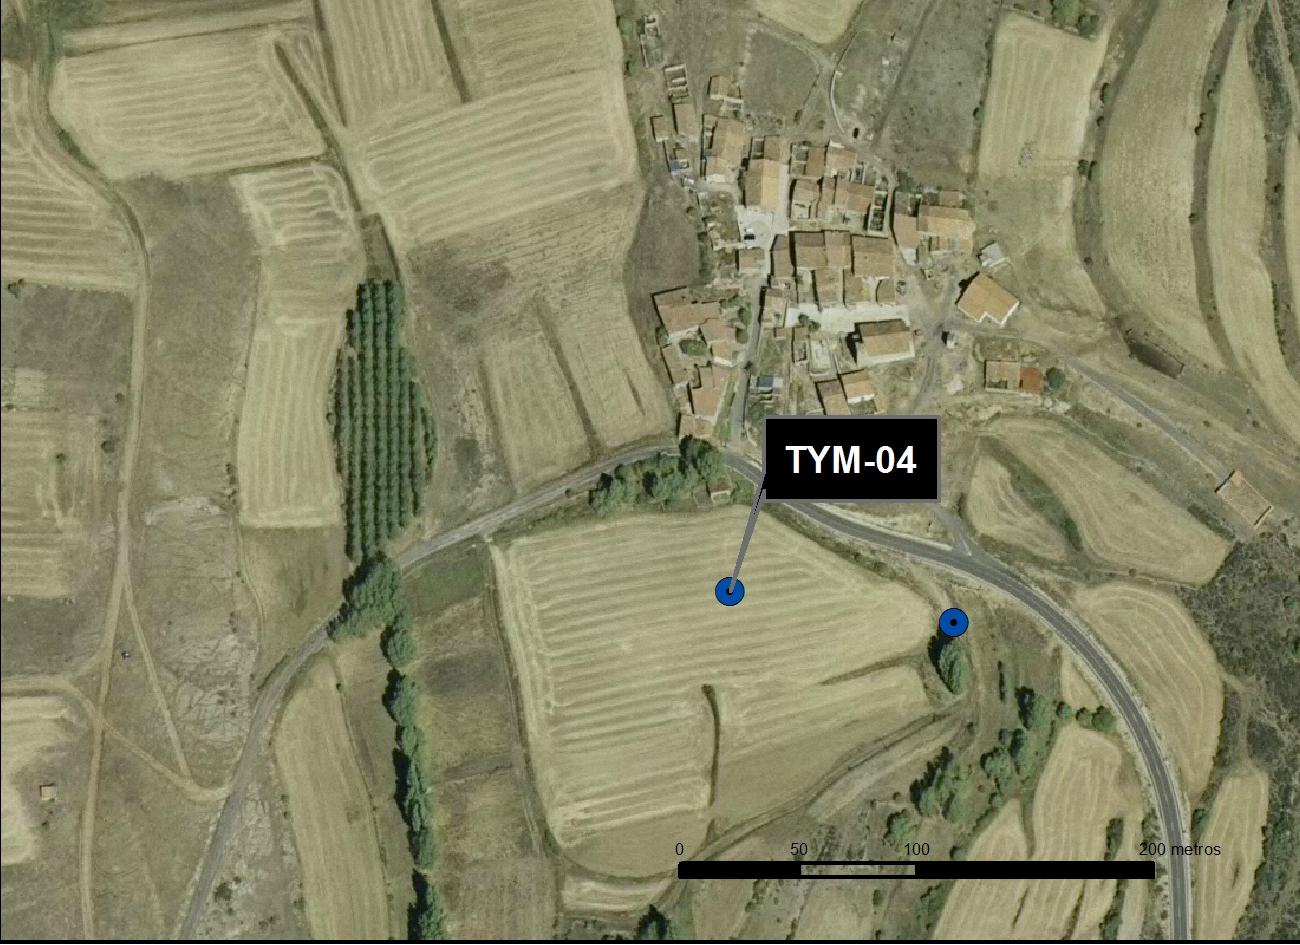 TYM_04_M.V.LOZANO_CERINCHE_ORTO 1